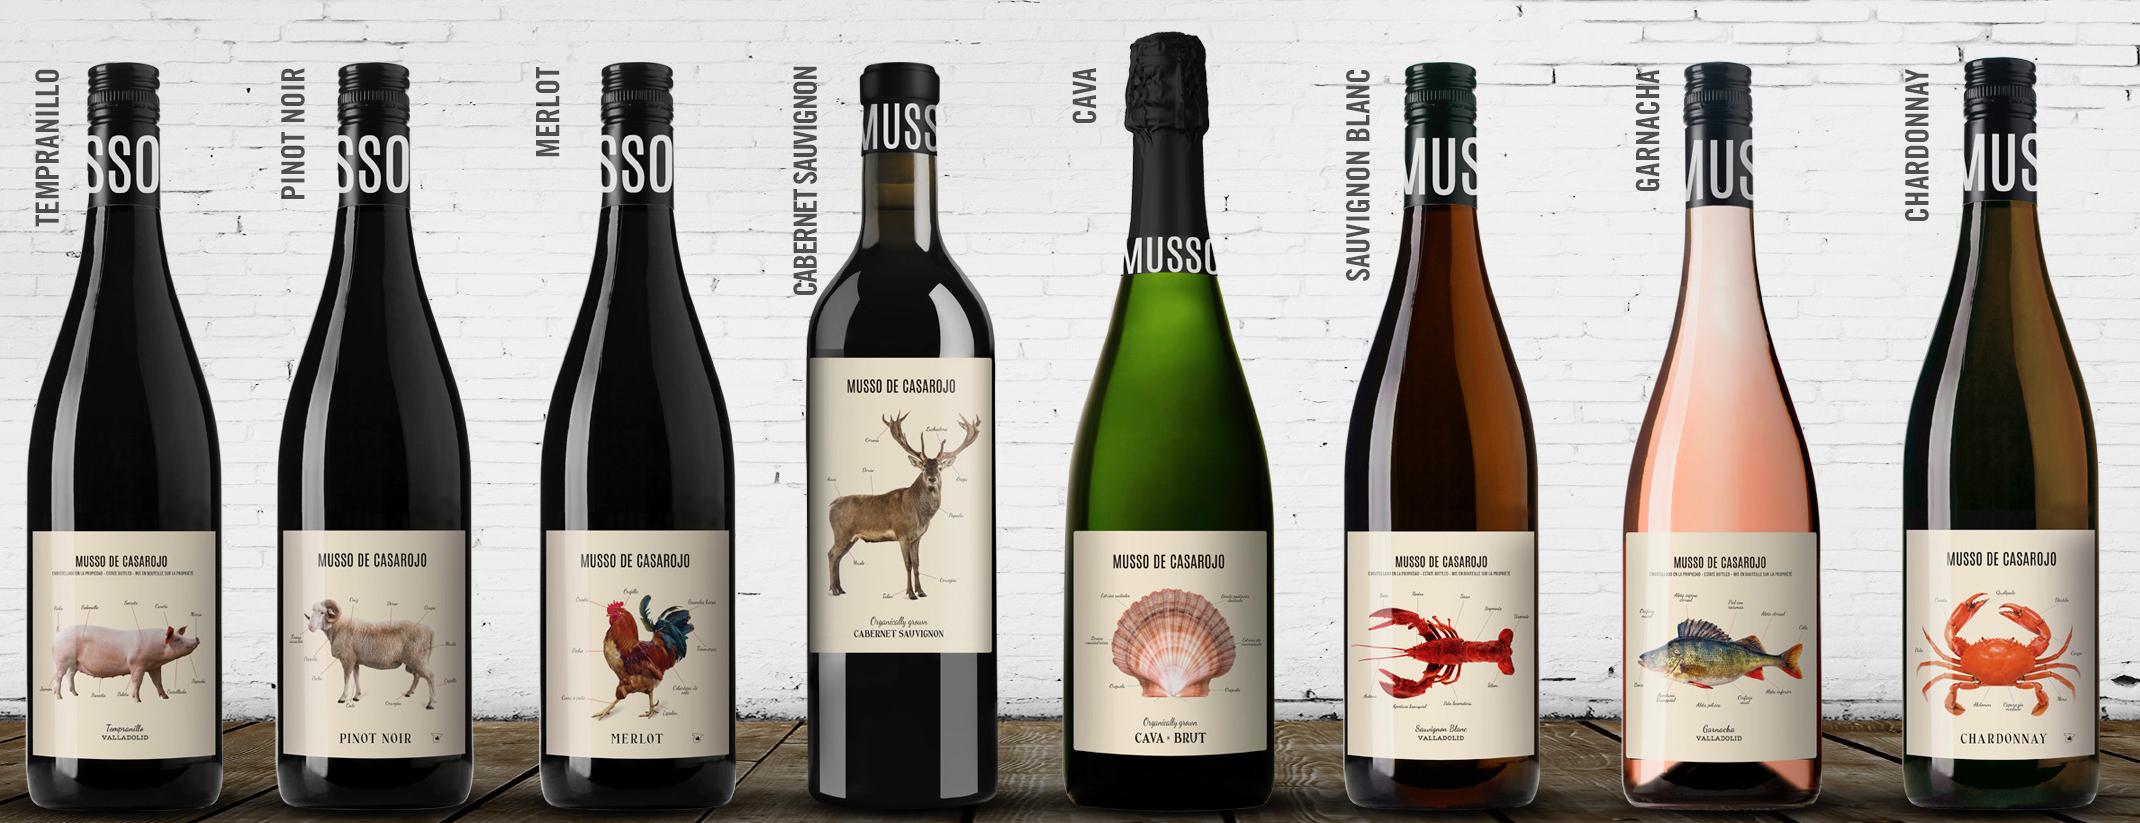 Familia de vinos Musso de Casa Rojo